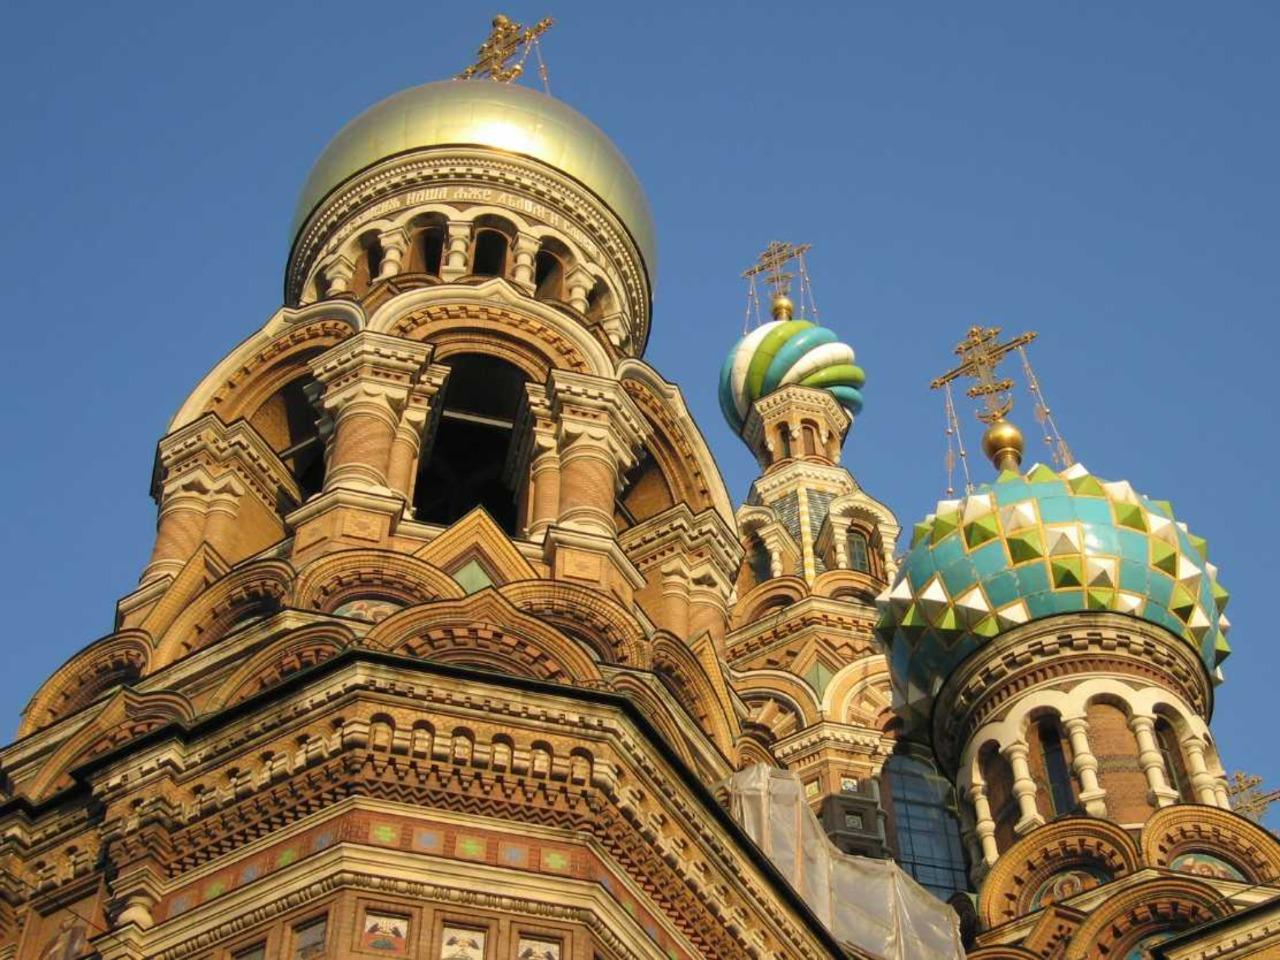 Обзорная по Питеру: старинные духовные святыни   - групповая экскурсия по Санкт-Петербургу от опытного гида